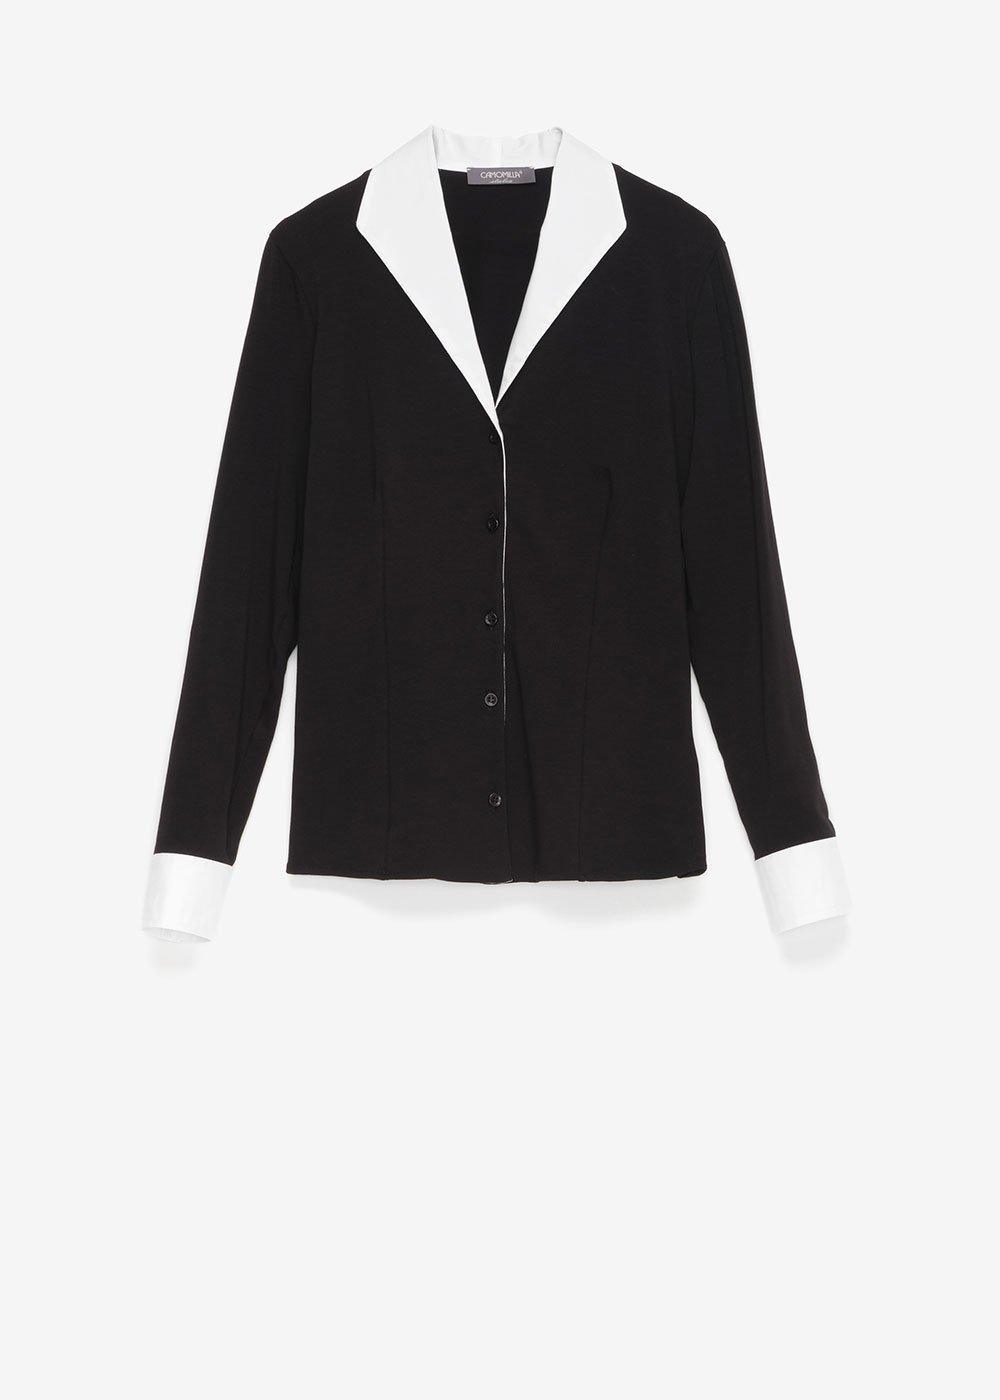 Camicia Connie con rever e polsini - Black / White - Donna